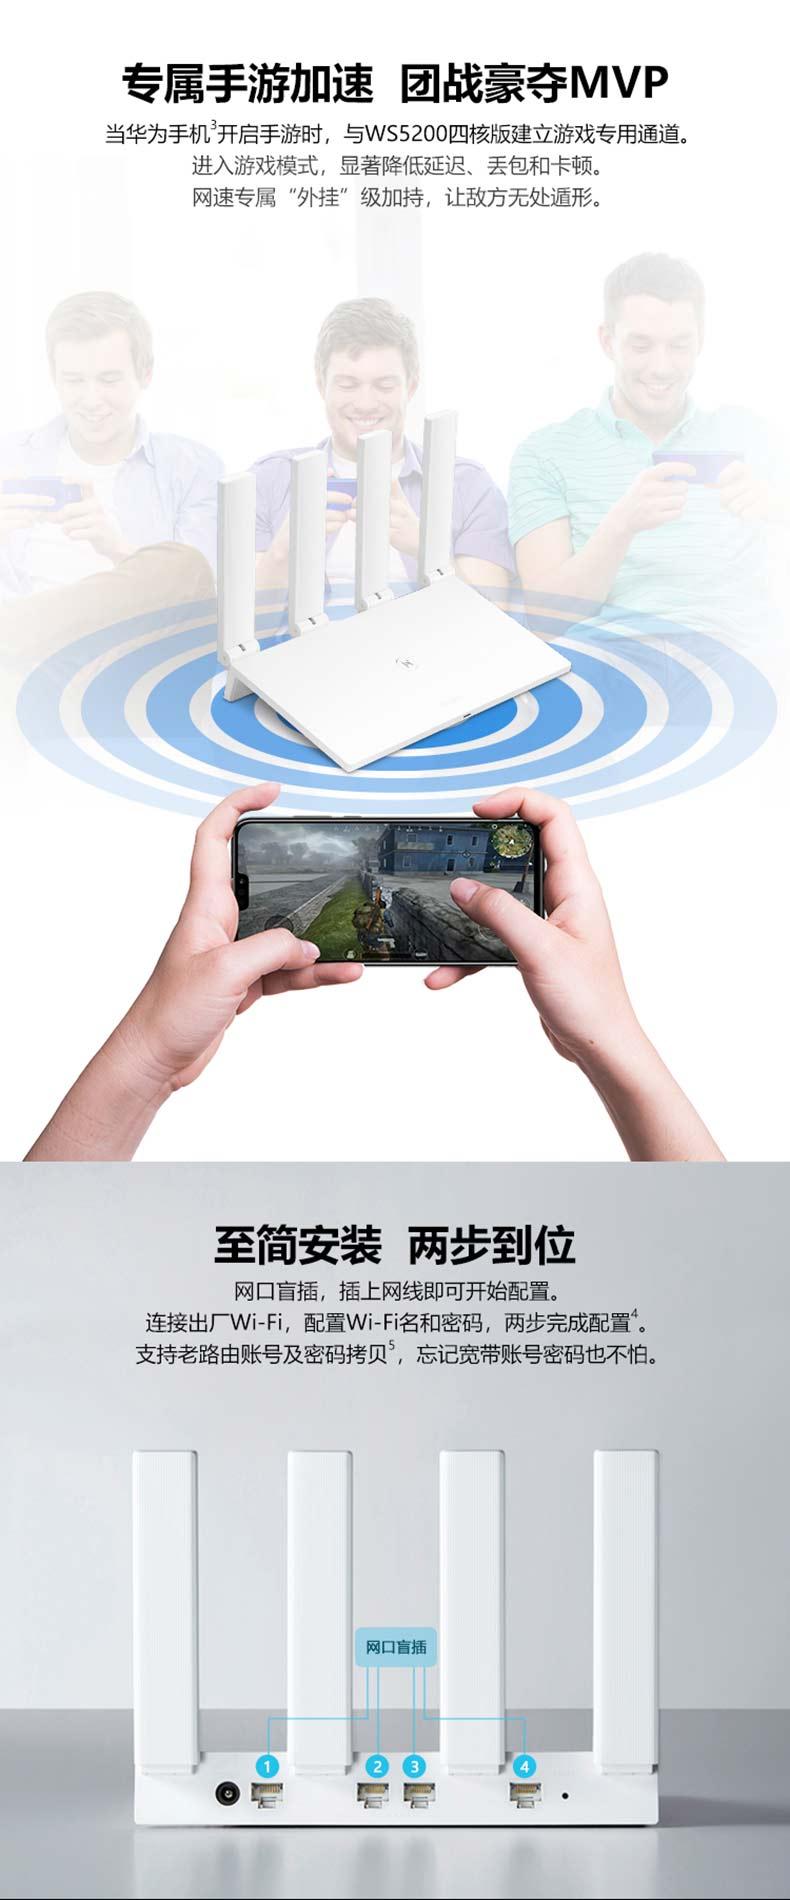 Modom Wifi Trực thăng Hoài Cảnh trên lộ trình Wis500 quad router khu tứ vệ LingSiêu tứ_toànbộ cổng G